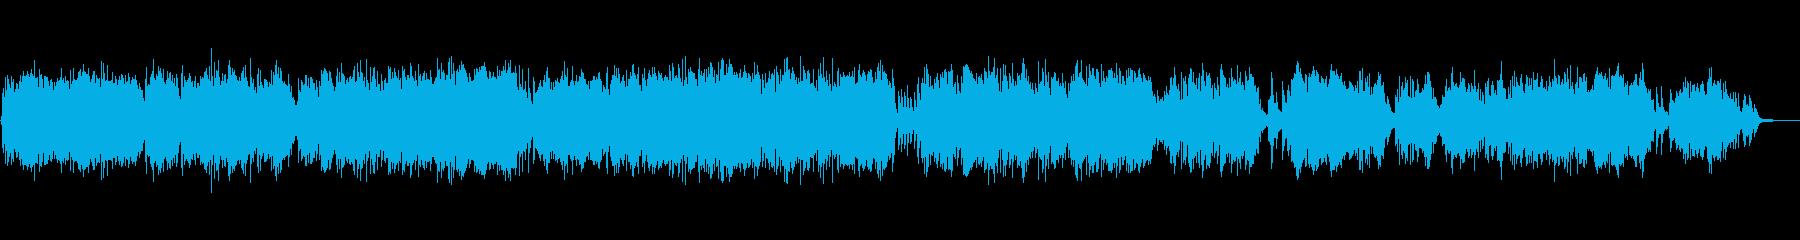 流れるようなピアノソロの再生済みの波形